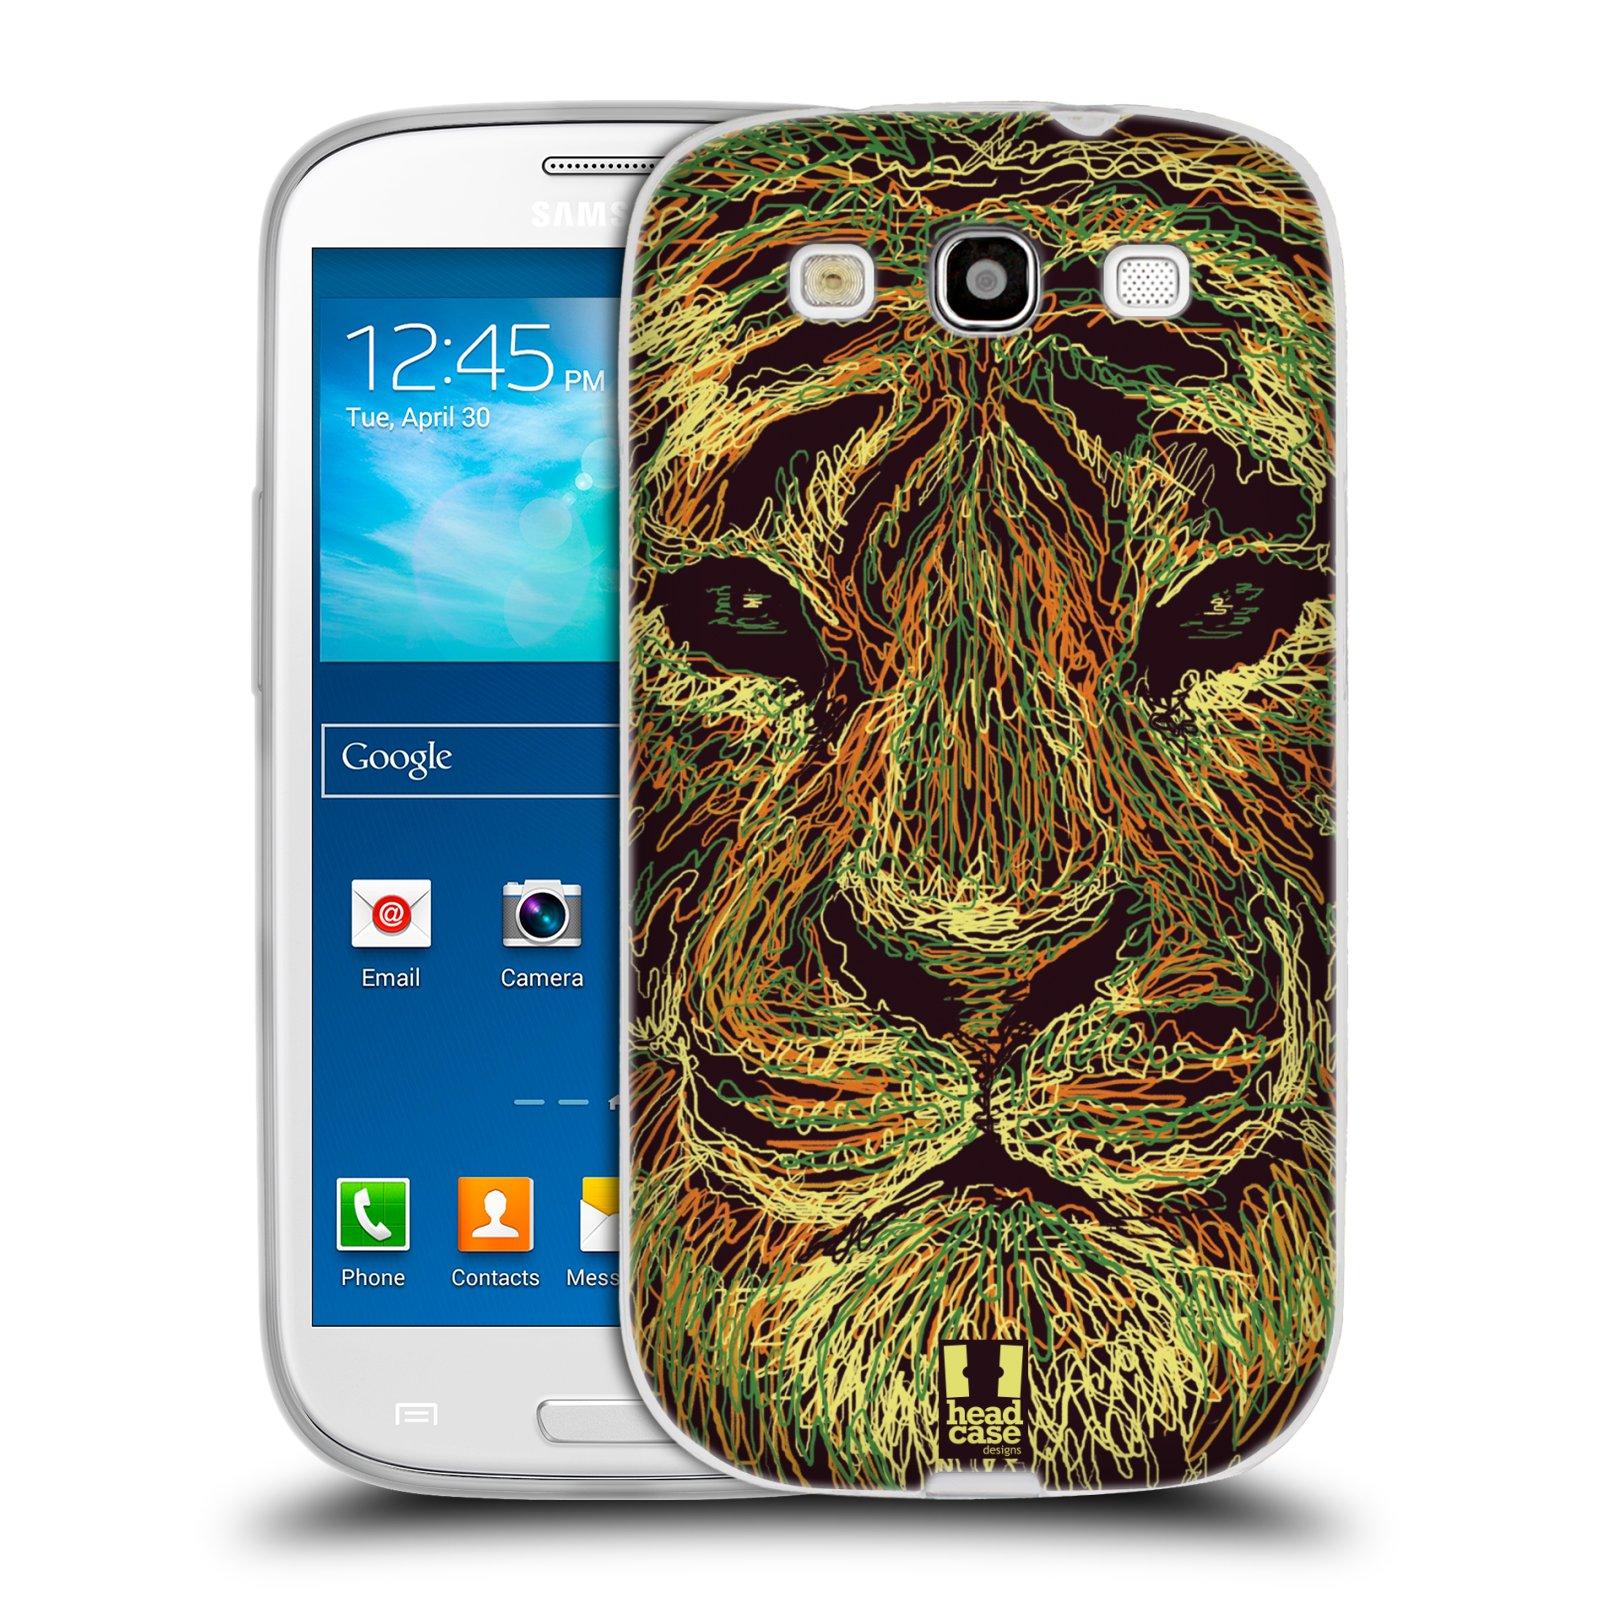 Silikonové pouzdro na mobil Samsung Galaxy S3 Neo HEAD CASE SCRIBBLE TYGR (Silikonový kryt či obal na mobilní telefon Samsung Galaxy S3 Neo GT-i9301i)